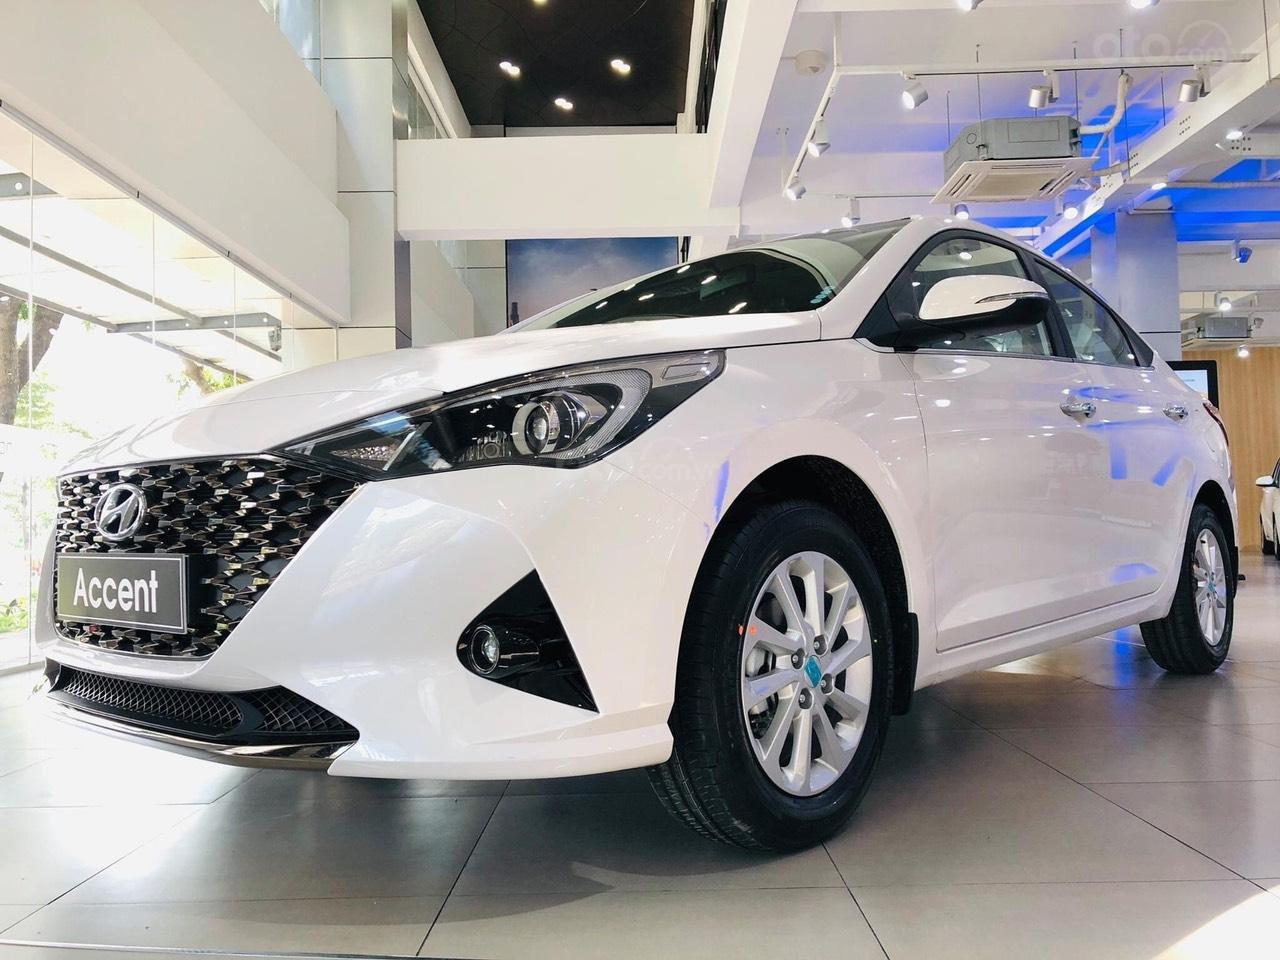 {Hyundai Miền Nam} Hyundai Accent 2021 có sẵn đủ màu tặng phụ kiện: Combo 7 món phụ kiện chính hãng (1)